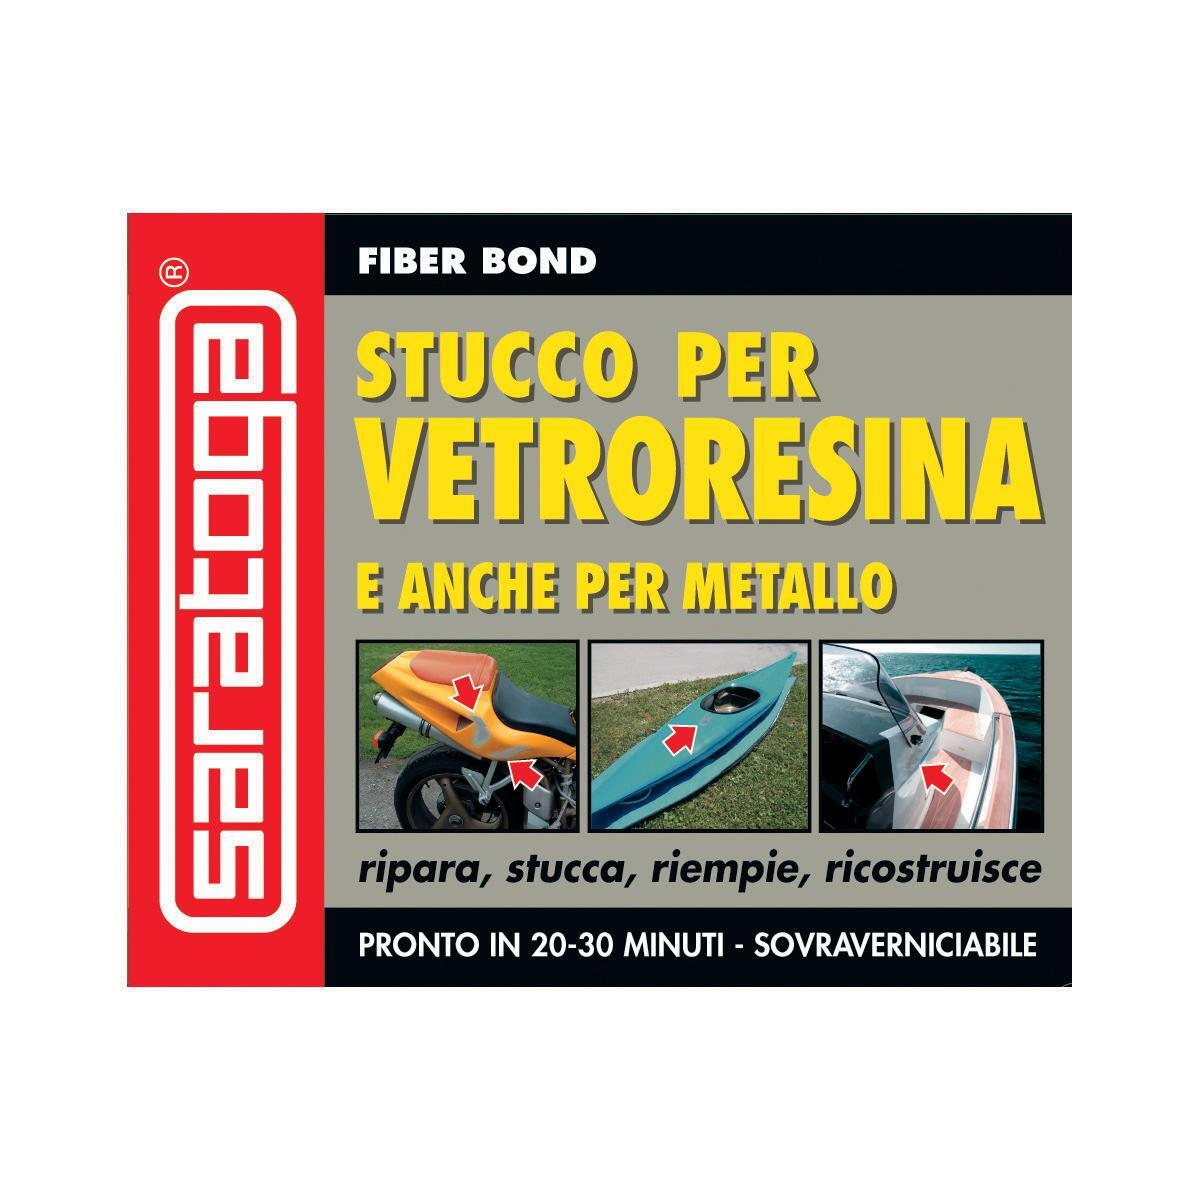 Stucco di riparazione plastica e vetroresina SARATOGA Fiber Bond 125 ml - 2